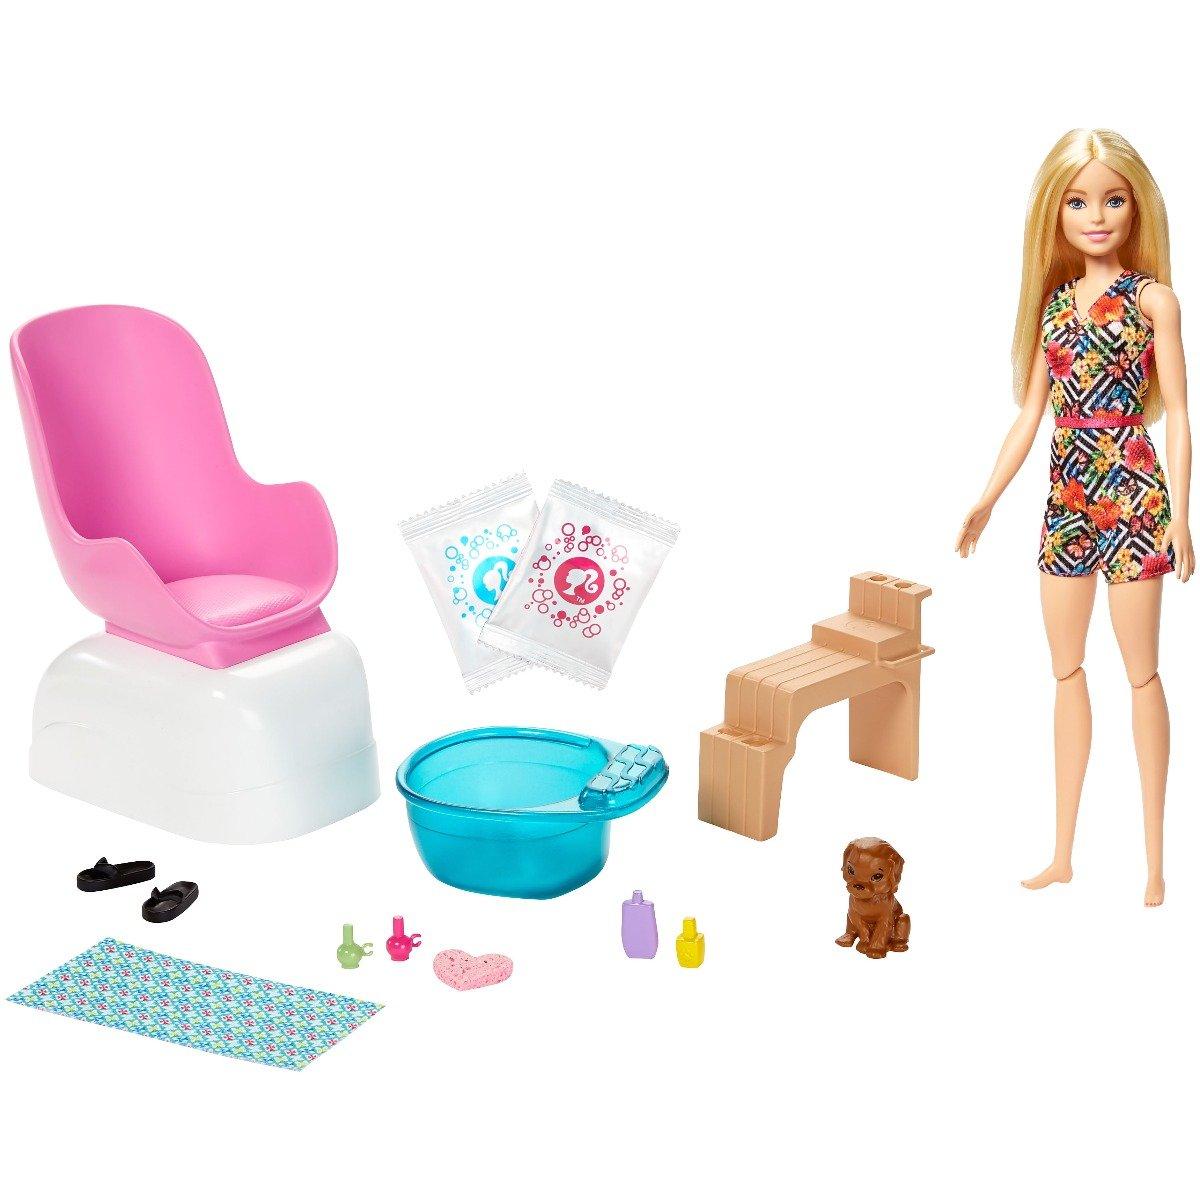 Set de joaca Barbie, Salonul de manichiura